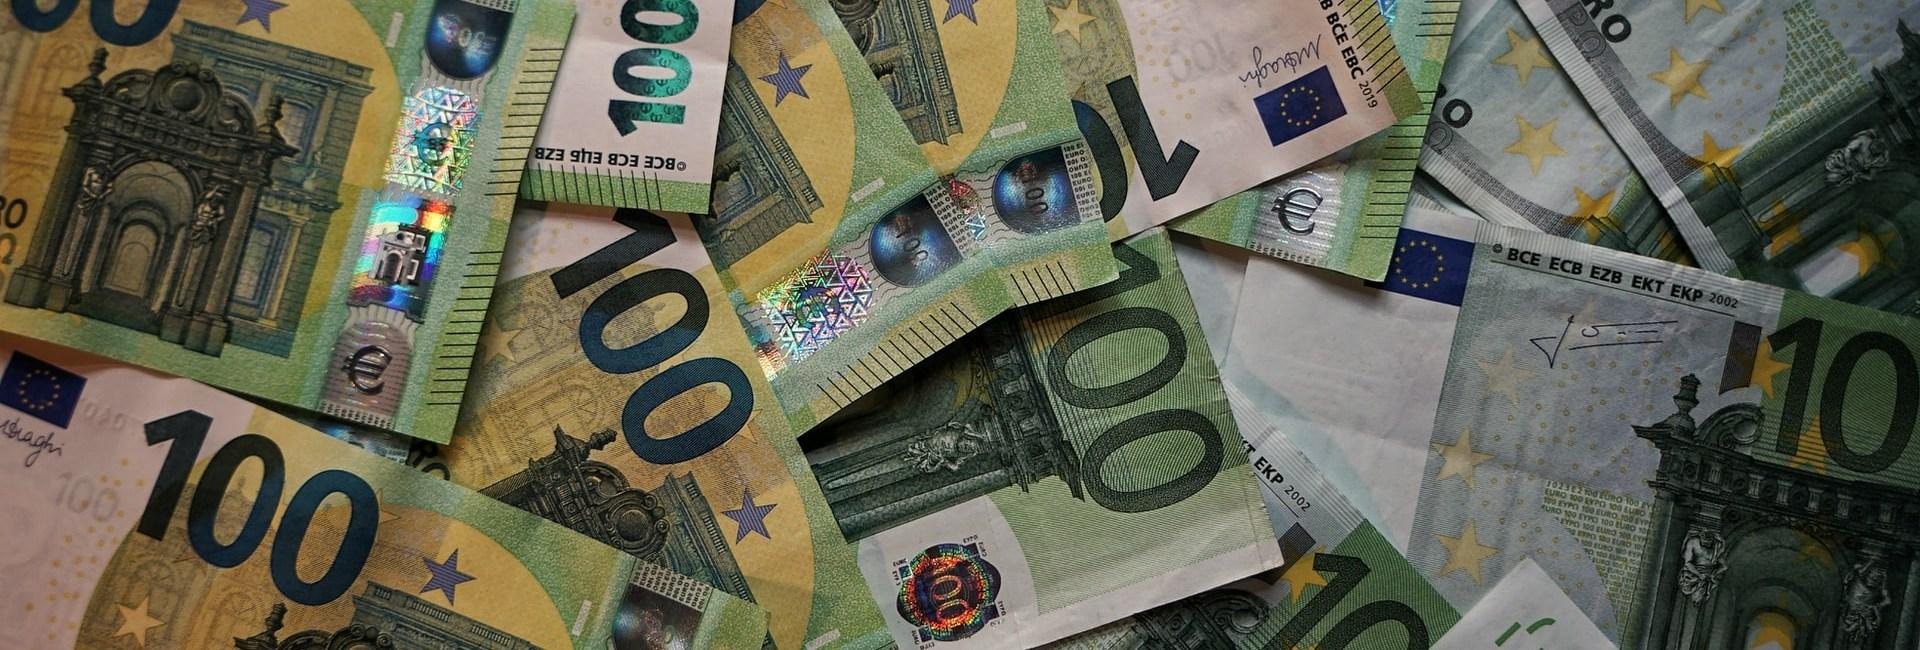 Πώς μπορούμε να κάνουμε μια «ένεση» 10 δις στην ελληνική οικονομία